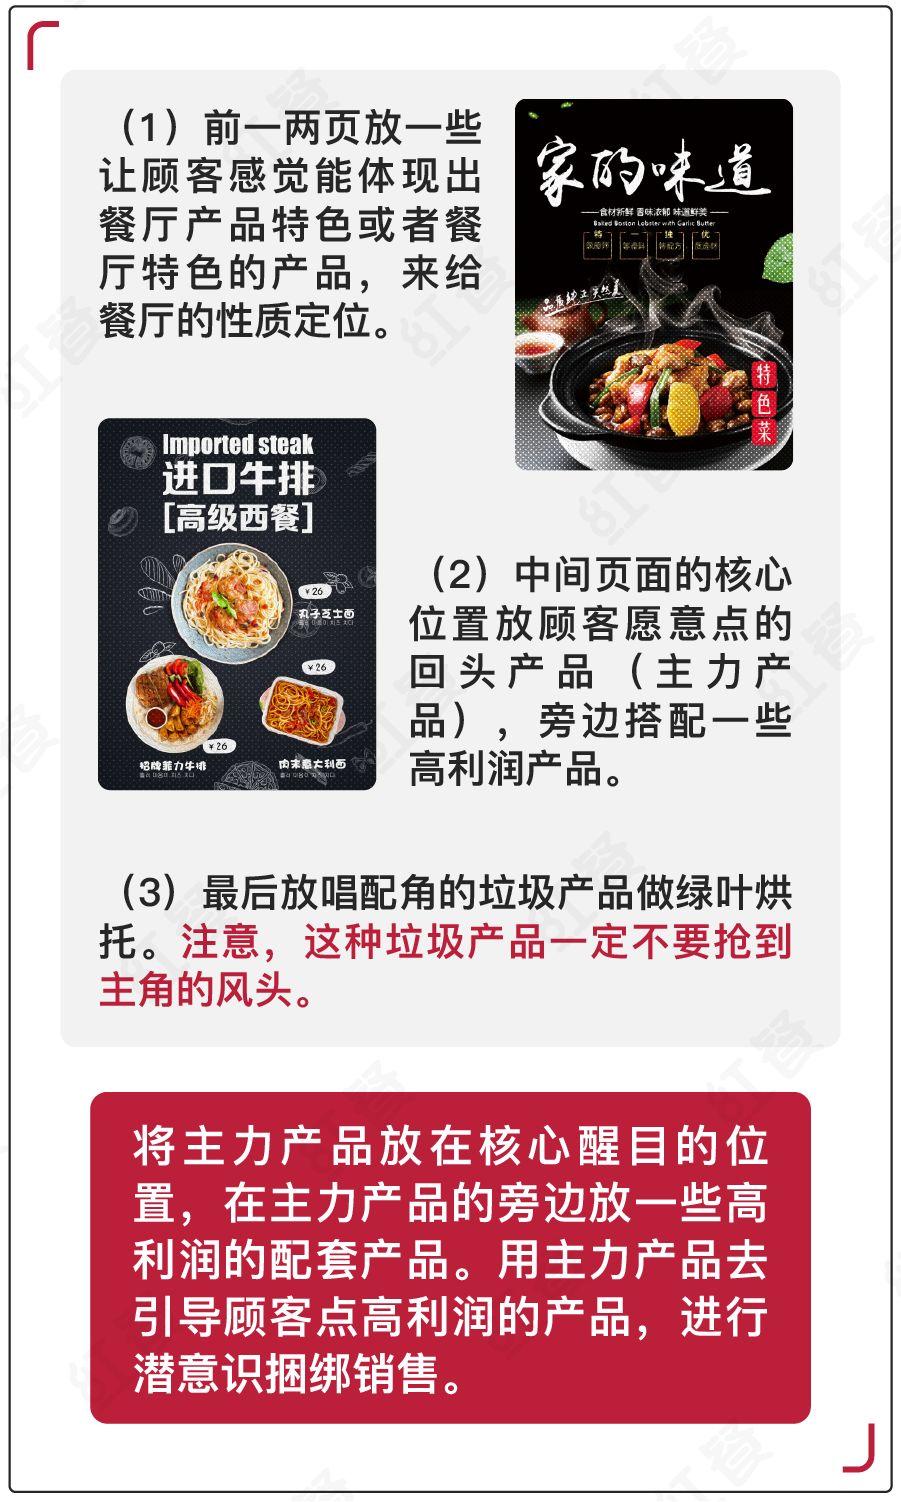 推荐什么菜顾客就点什么?餐厅菜单可以这样设计